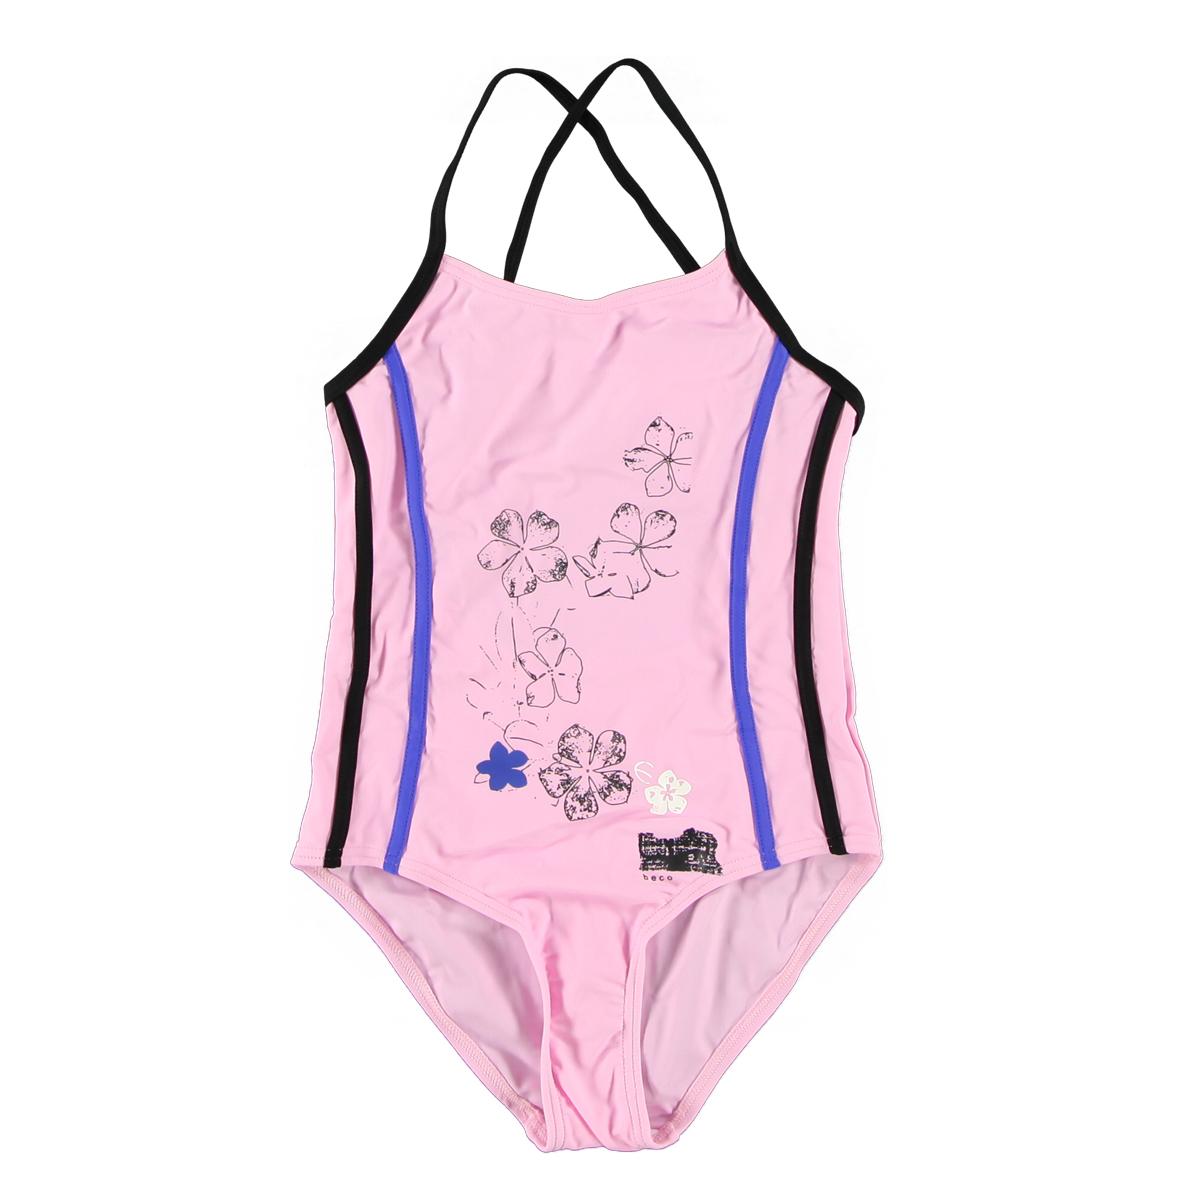 Afbeelding van Beco Badpak van in de kleur rose uv 50+ roze